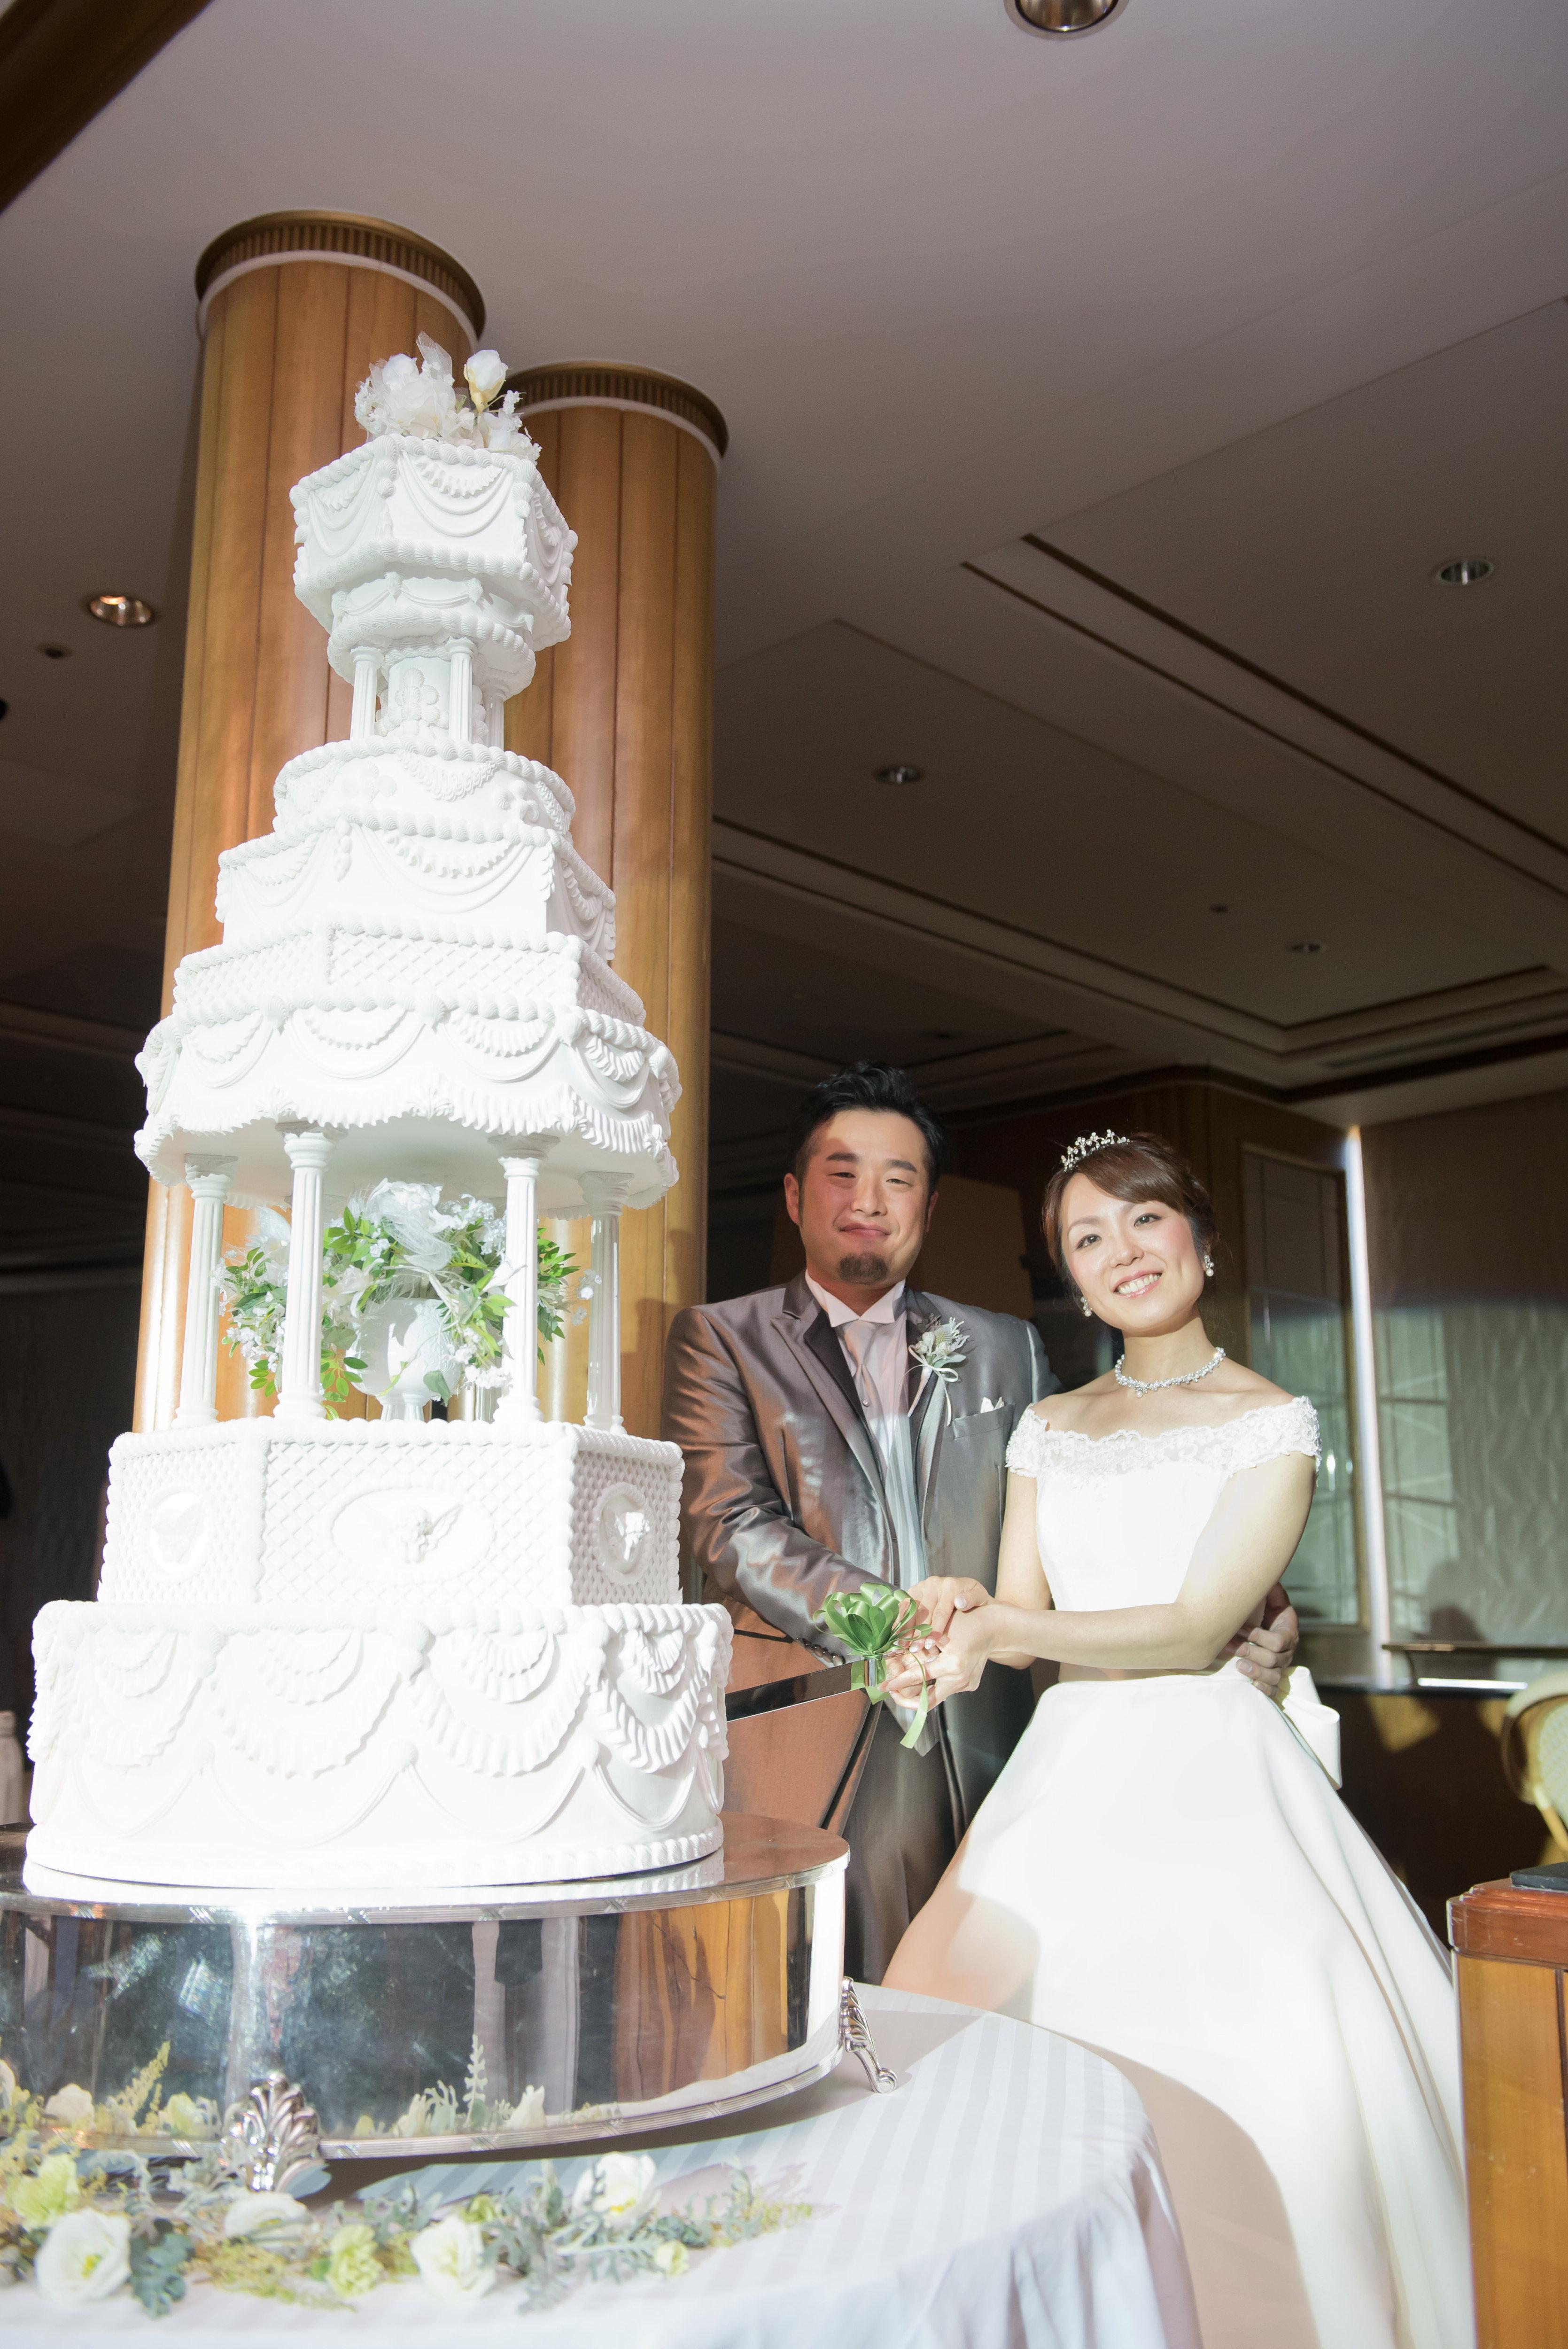 ル ノルマンディ結婚式♪/横浜 元町 ウエディングサロン